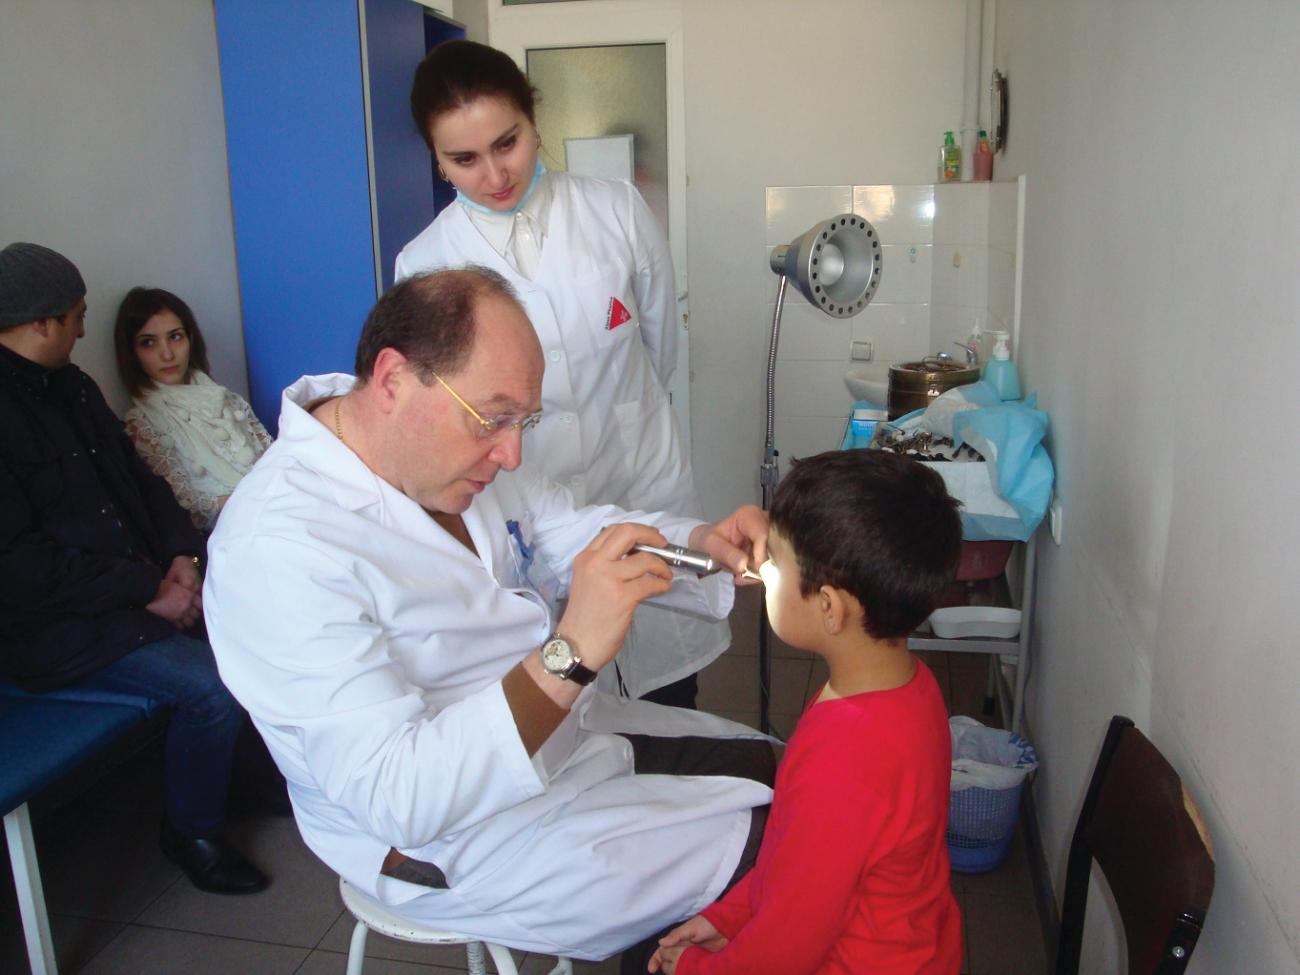 Պրոֆեսորական պոլիկլինիկան հասանելի է դարձնում ԵՊԲՀ պրոֆեսորների խորհրդատվությունը քաղաքացիների համար